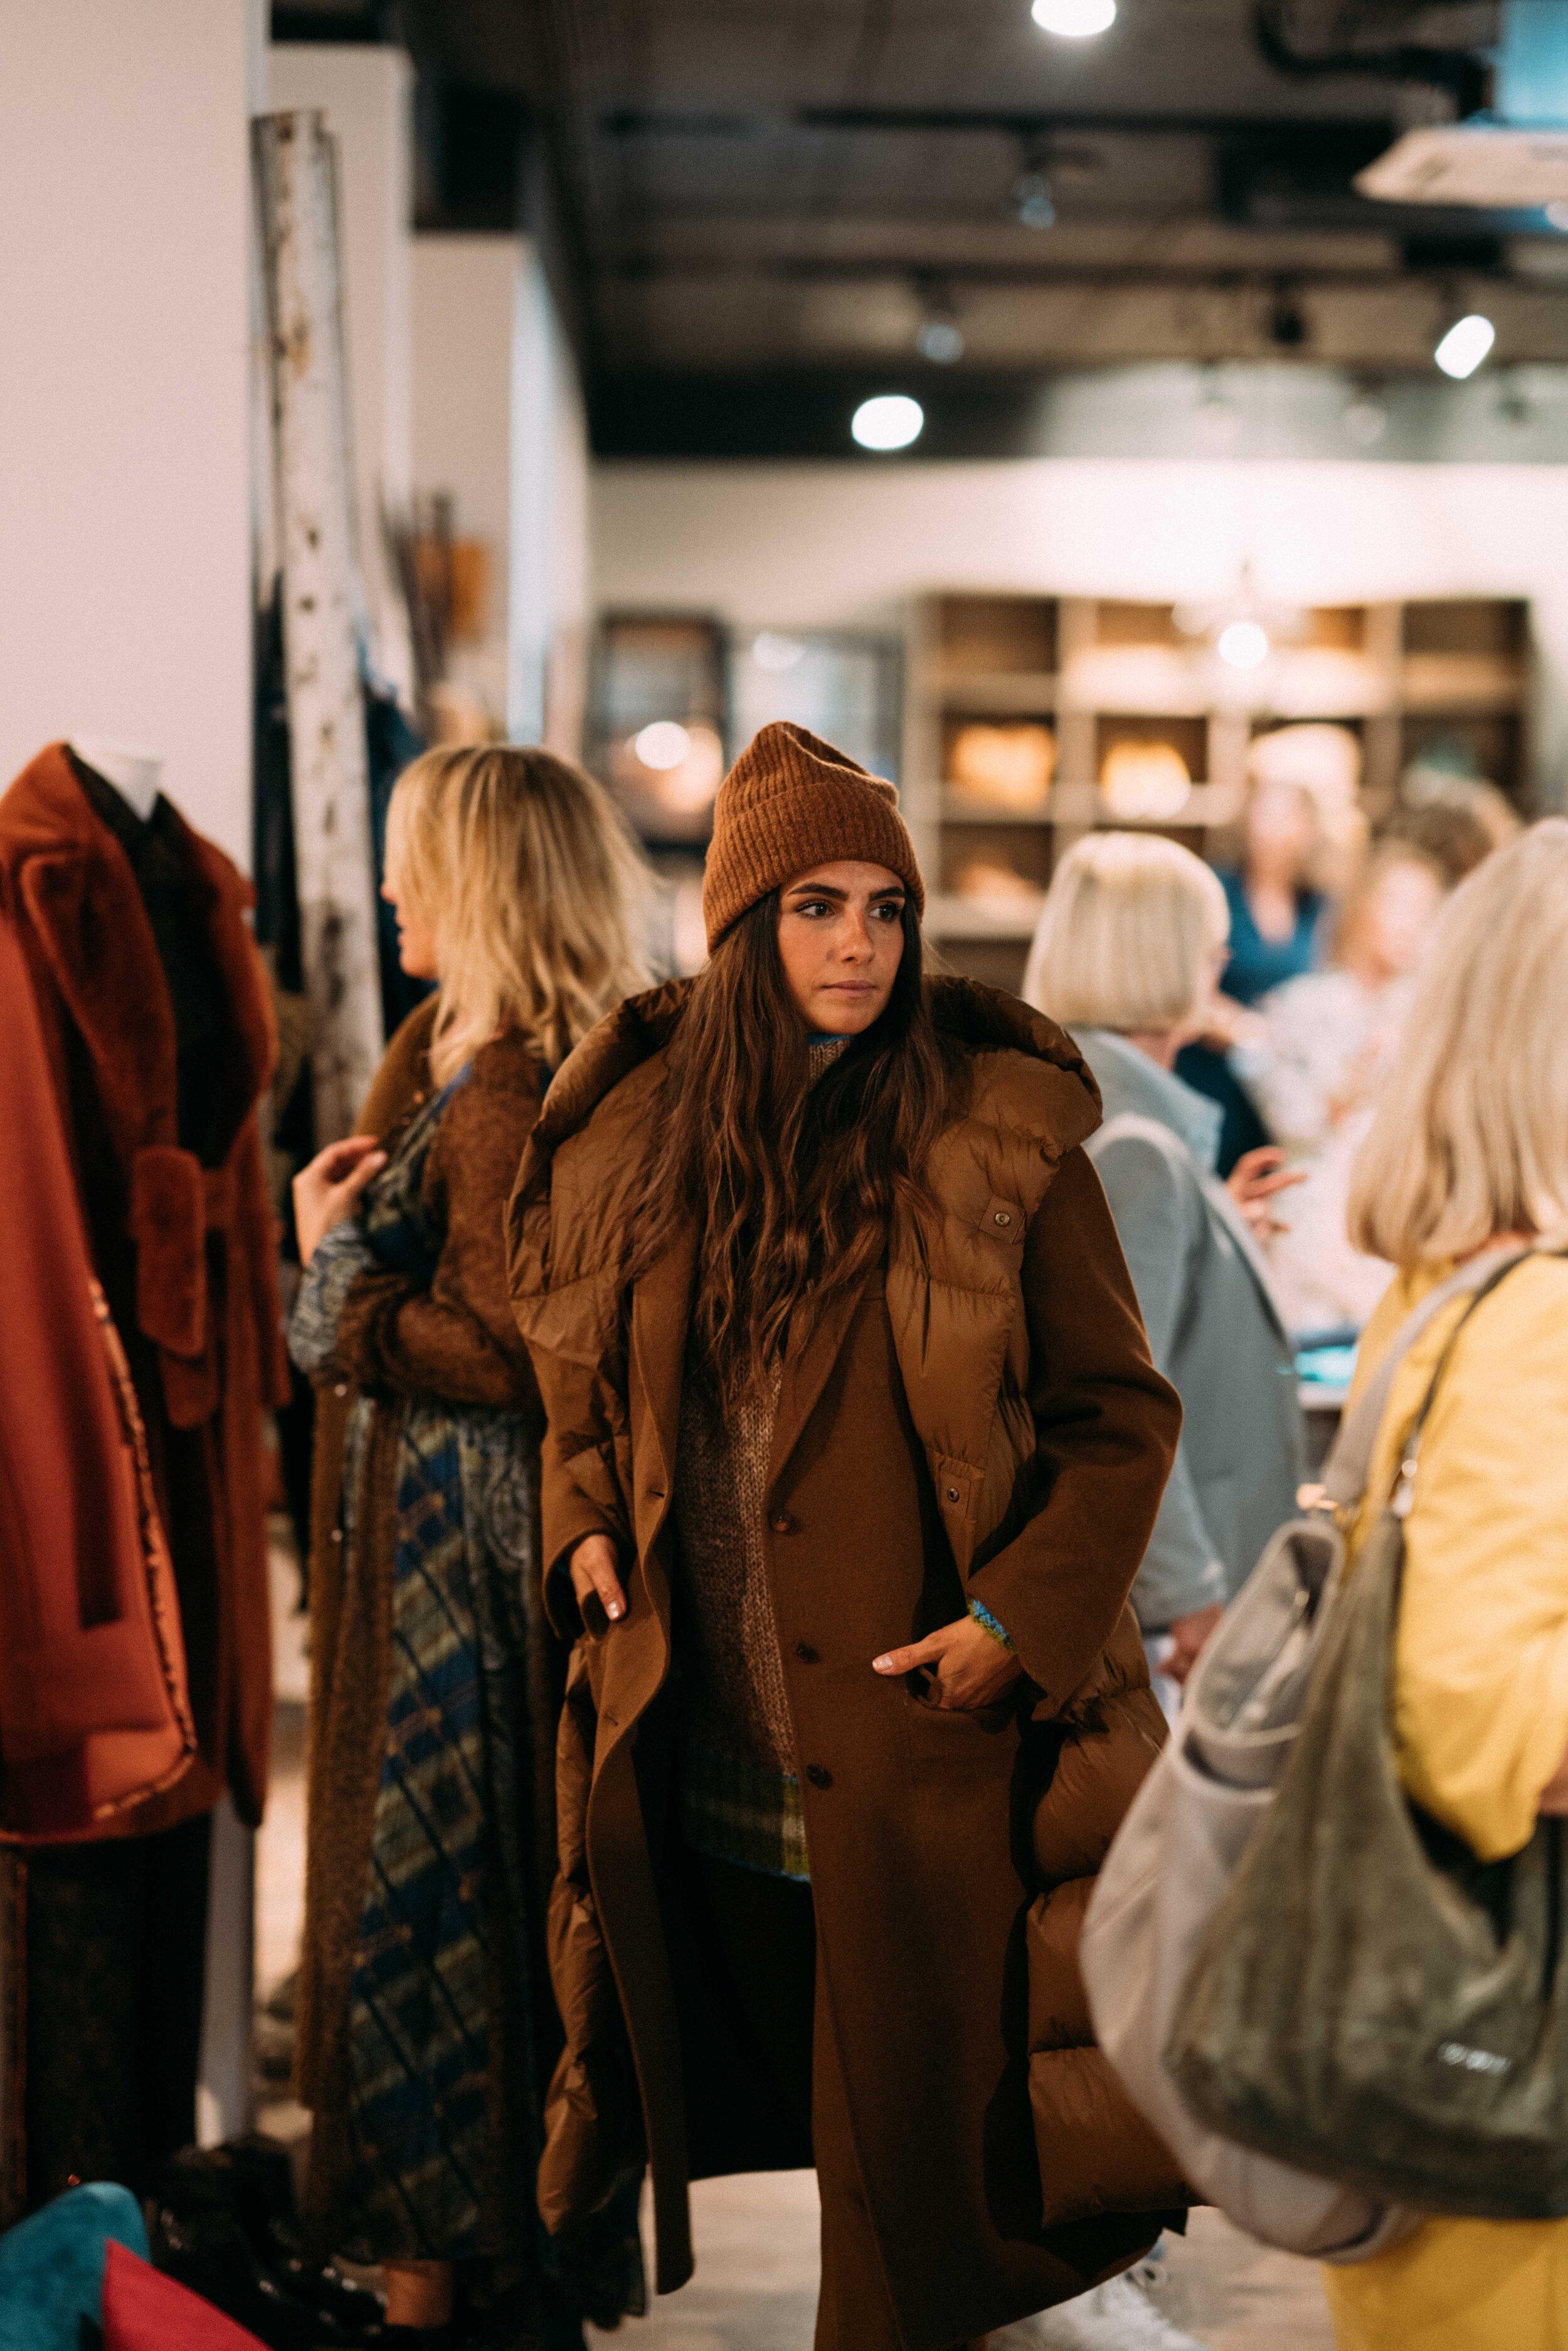 GraubnerConcept_FashionCocktail_Herbst19_29.jpg